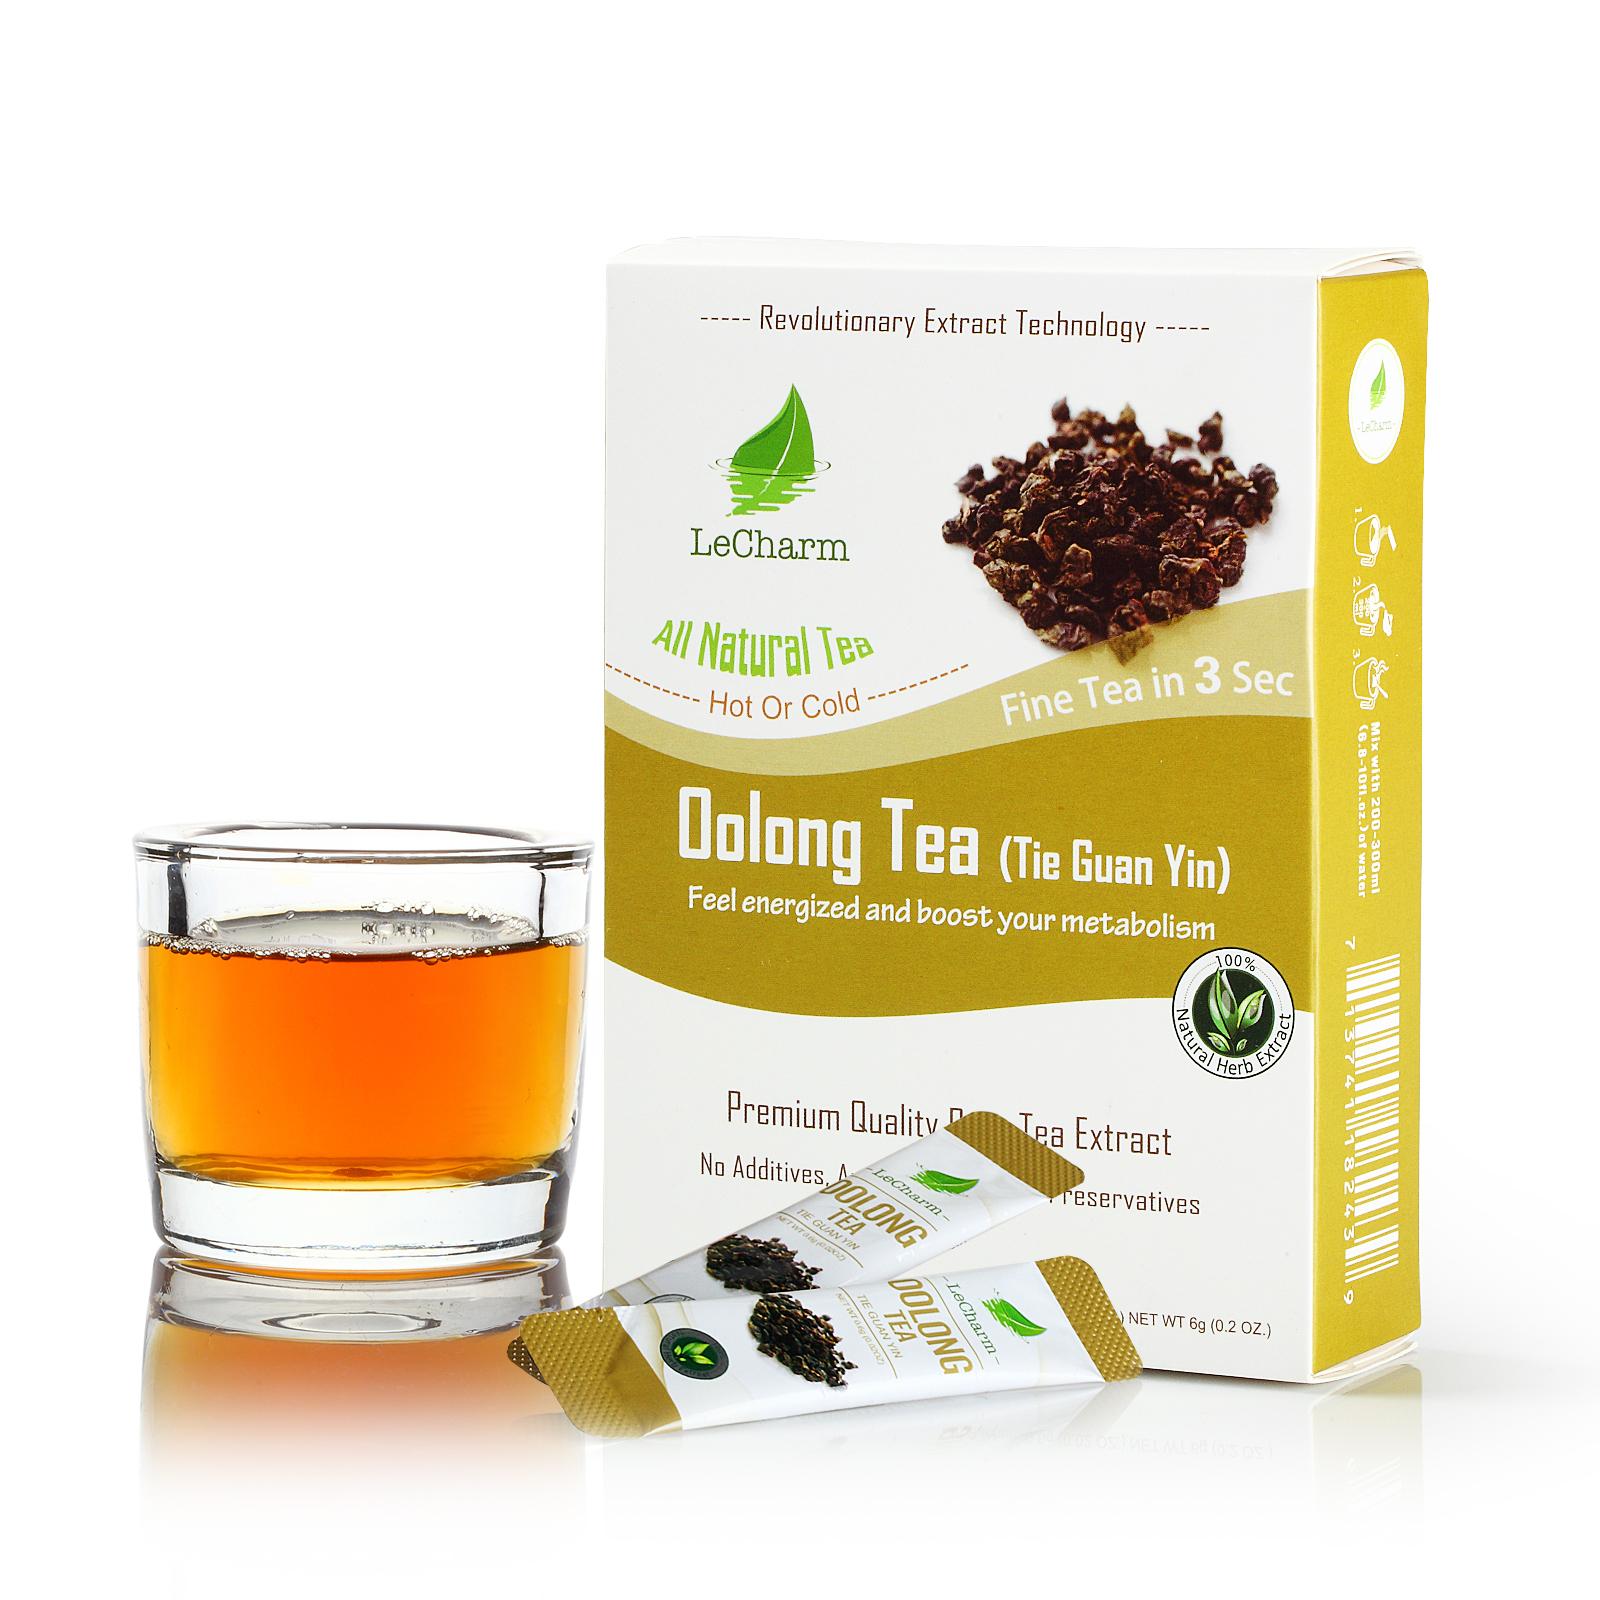 Natural Fujian Oolong Tea Leaves Extract No Additives Organic Instant Oolong Tea Powder Maker - 4uTea   4uTea.com